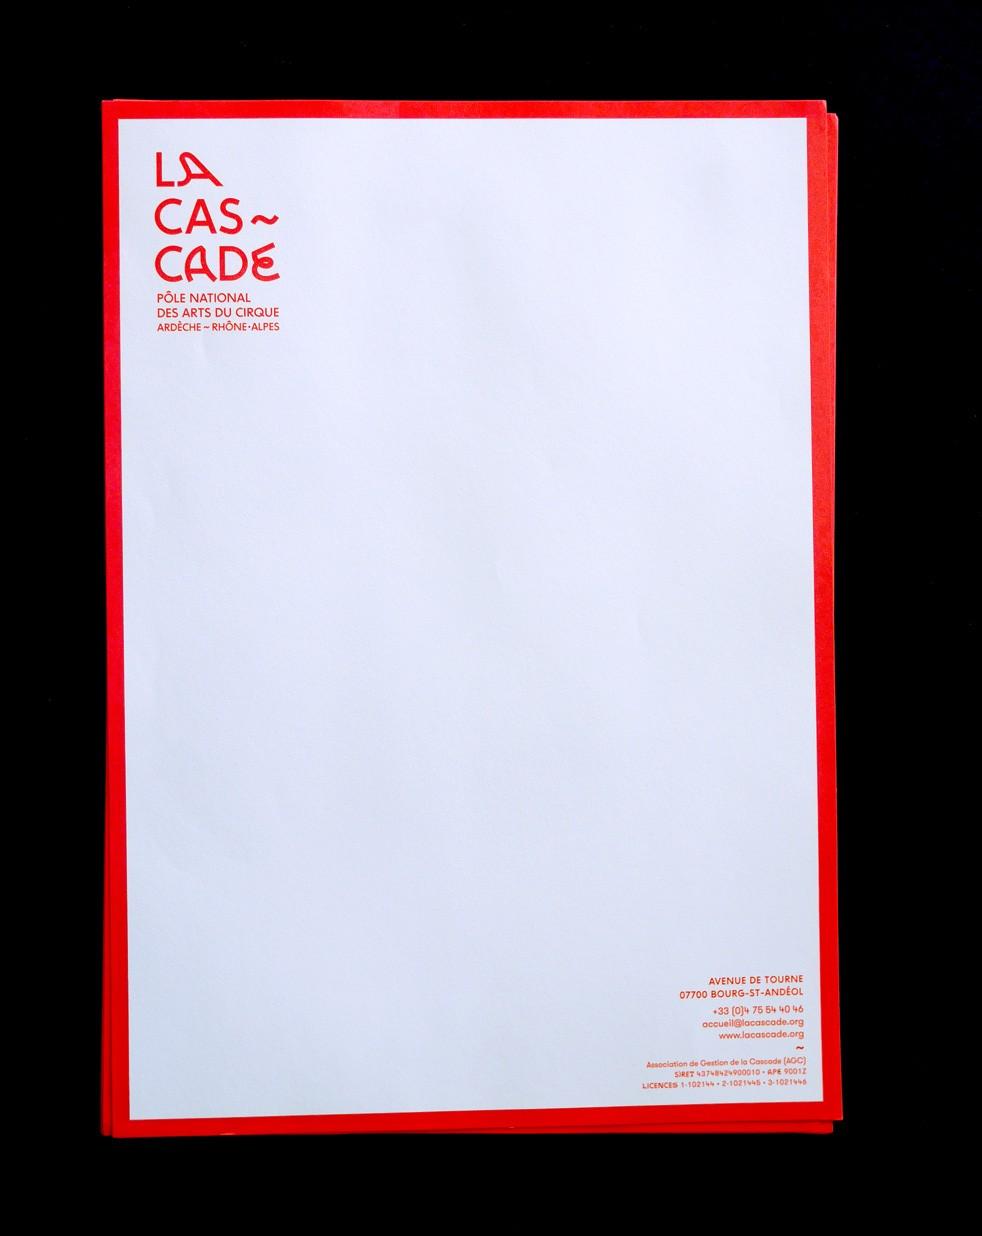 lacascade-papeterie_06-8454b533d428c818d37475d2f18ca31b